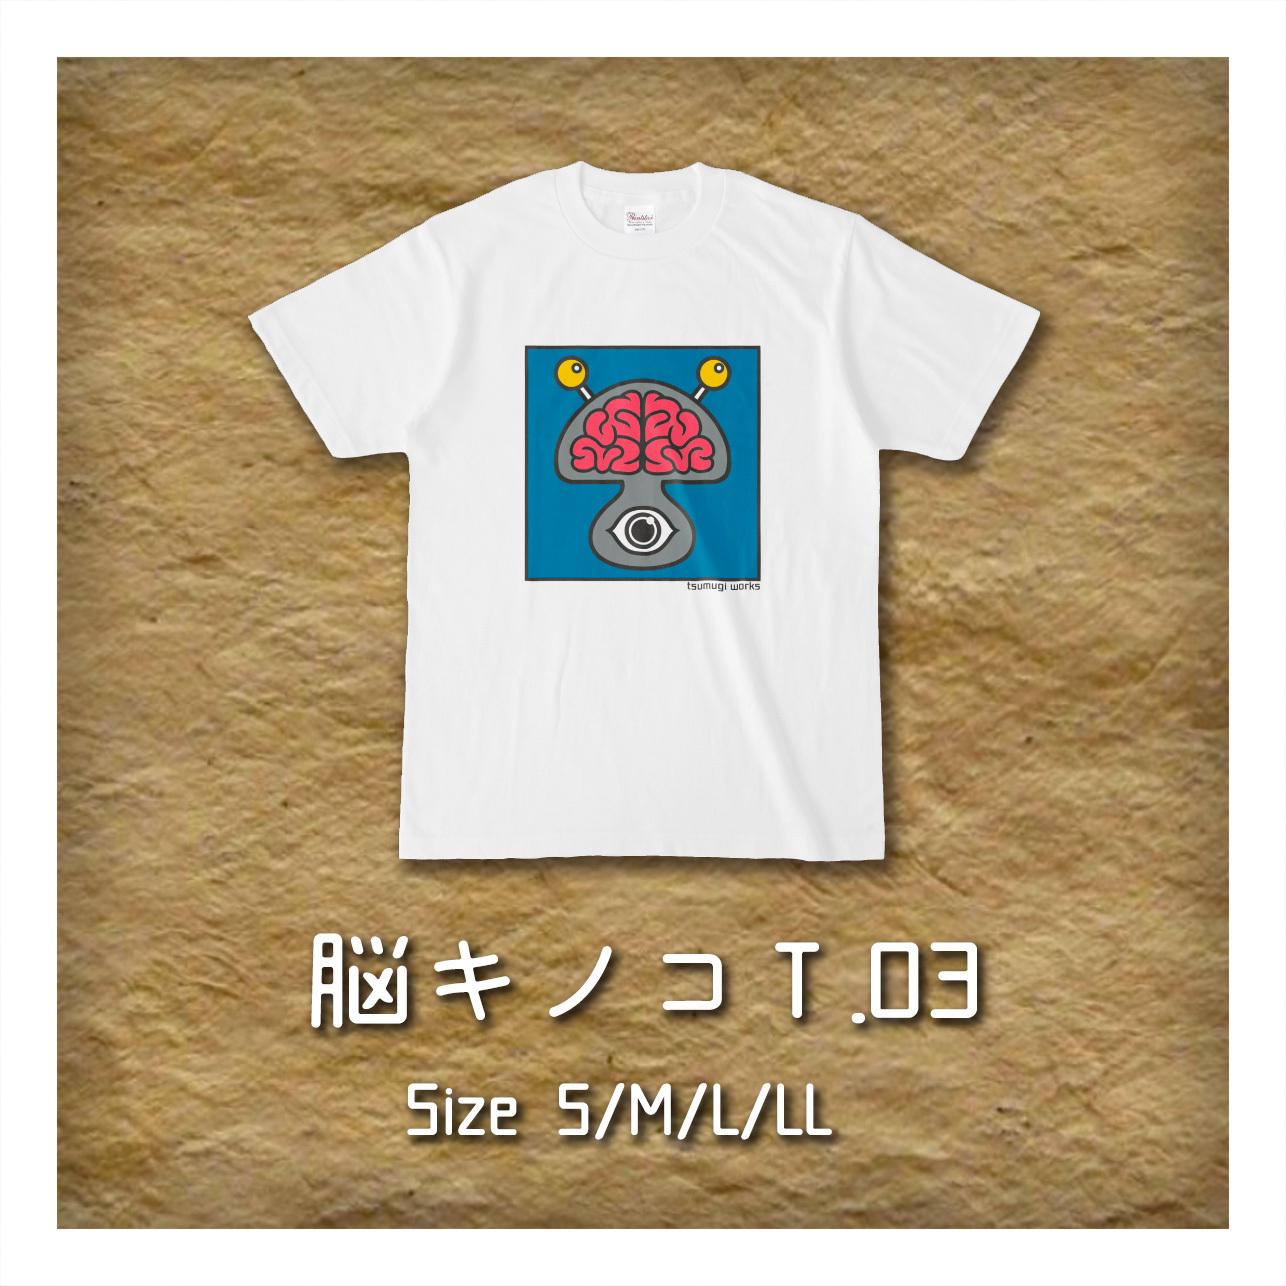 Tシャツ「脳キノコ.03」(UNISEX)